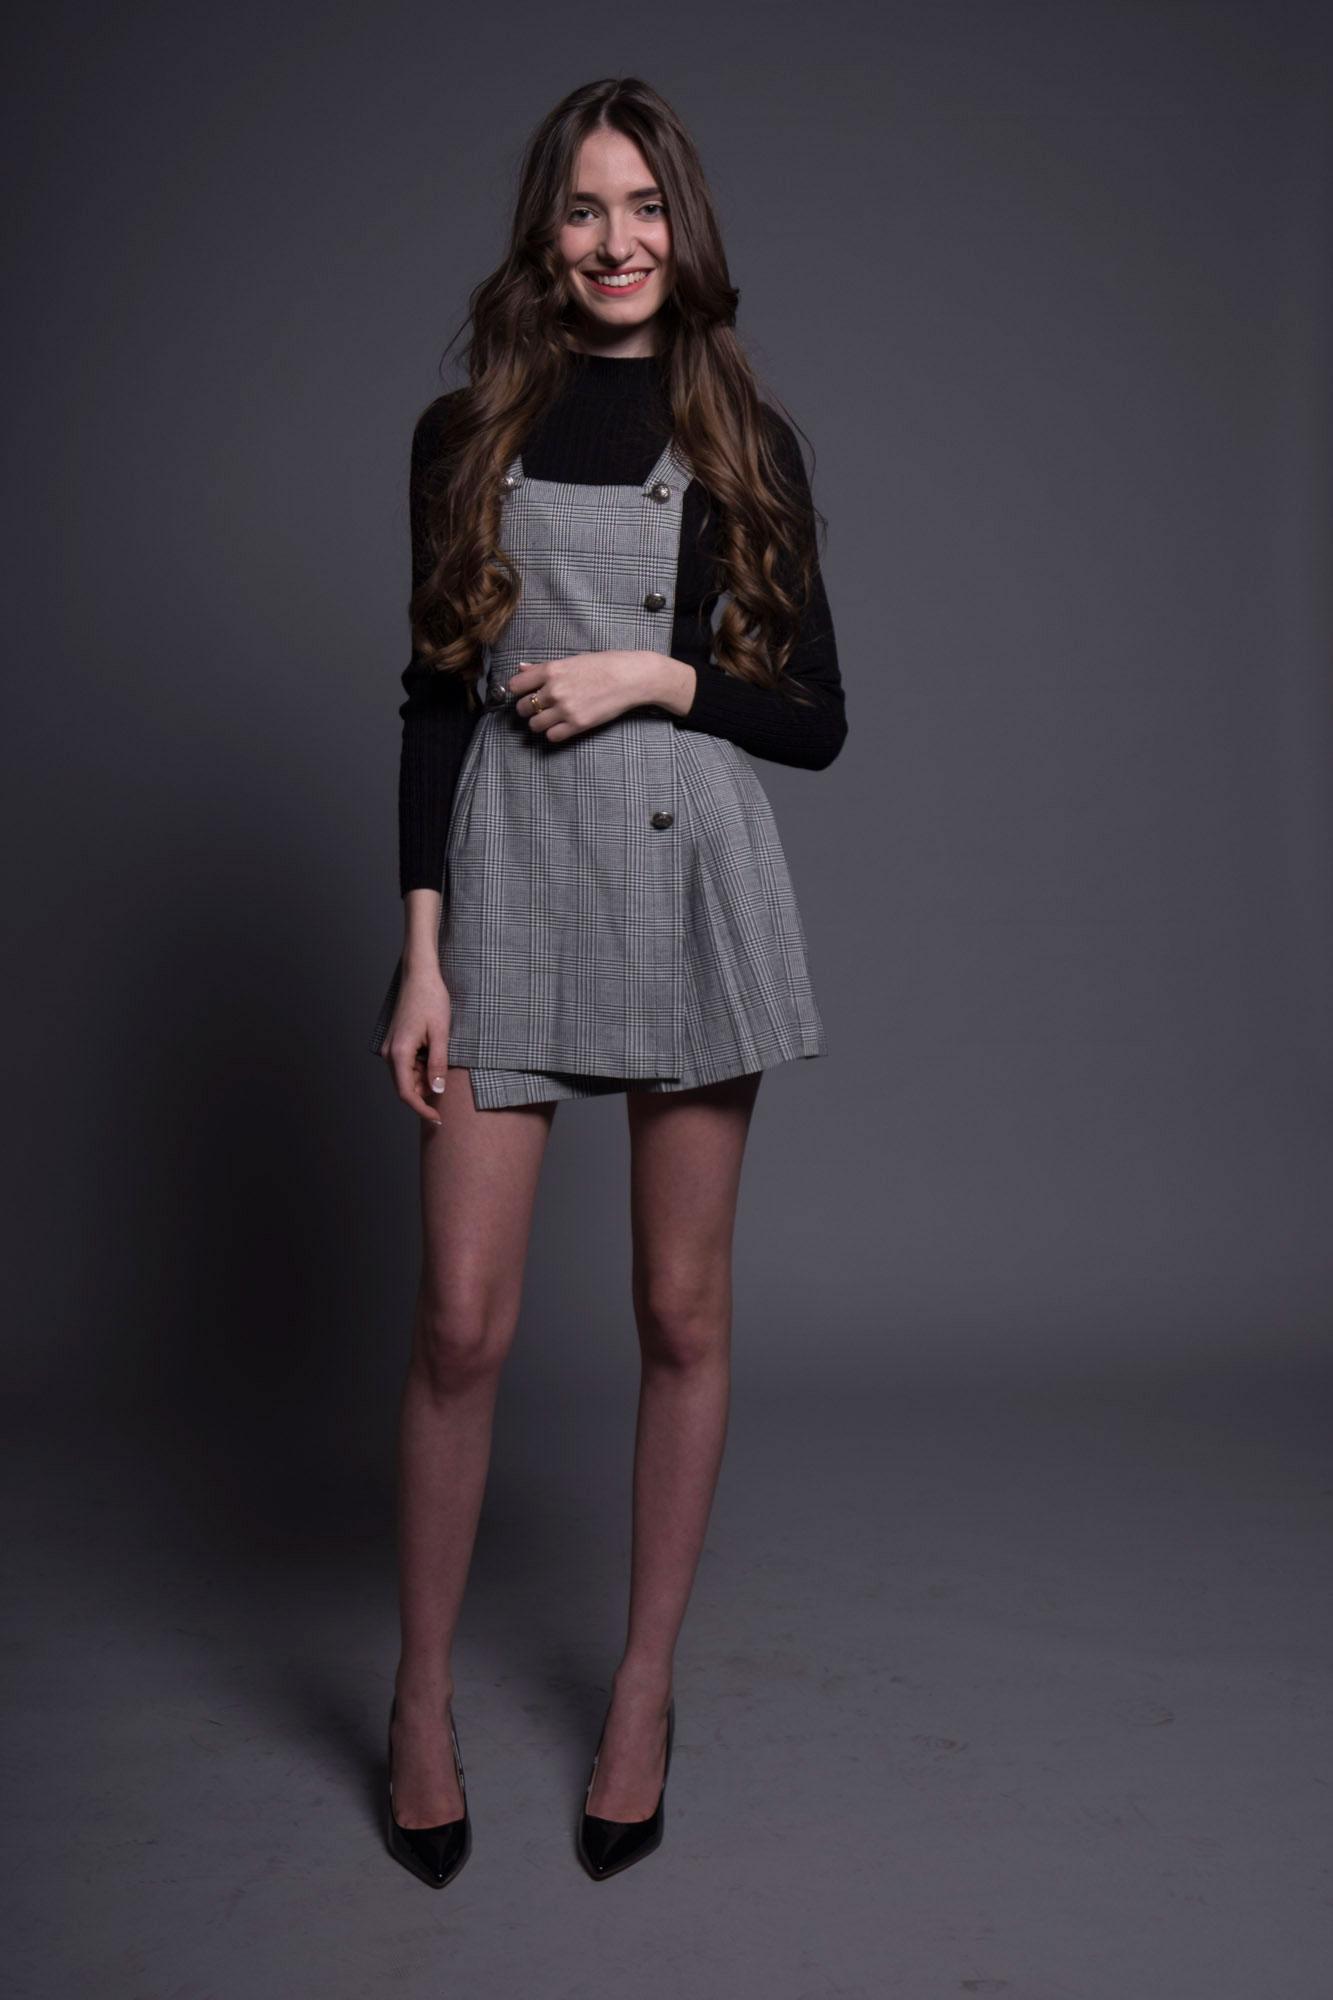 Alessia S.- Creative Models - Agenzia di Modelle Brescia - 16